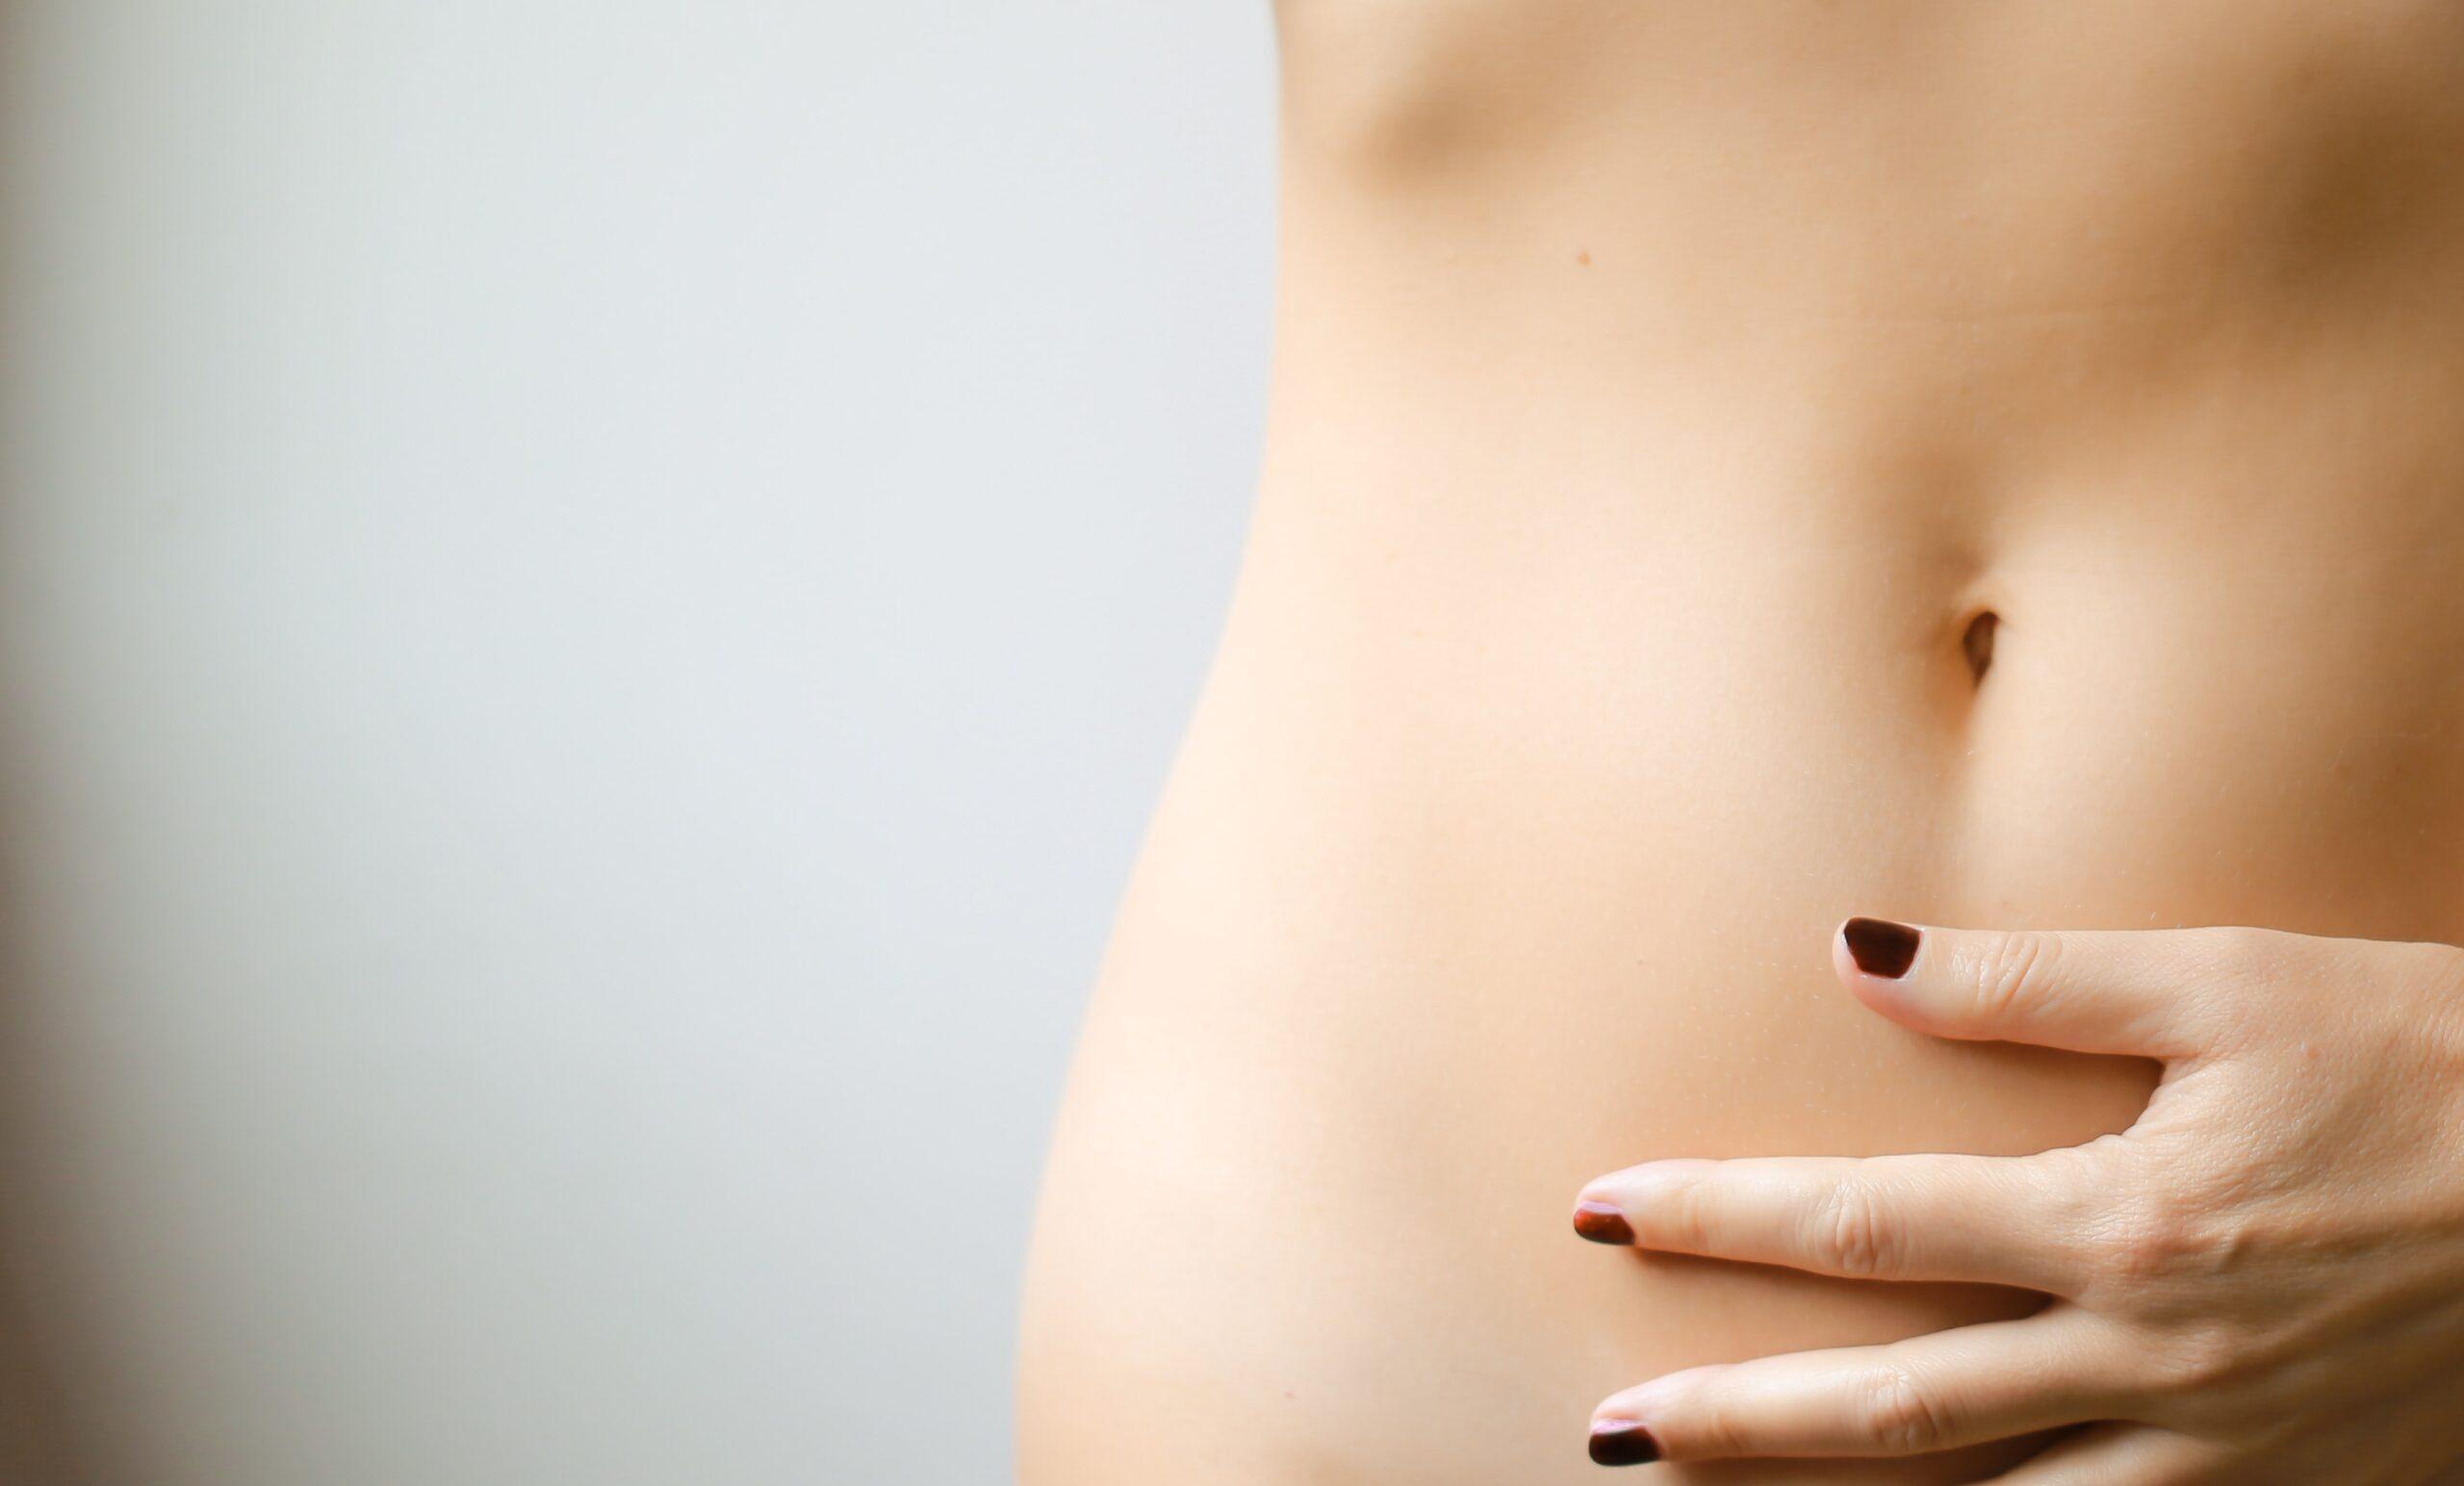 Antes de fazer qualquer cirurgia, é necessário que você entenda o máximo possível sobre o que vai acontecer com o seu corpo durante e após a operação. Com a abdominoplastia não é diferente: você precisa saber tudo antes do procedimento.